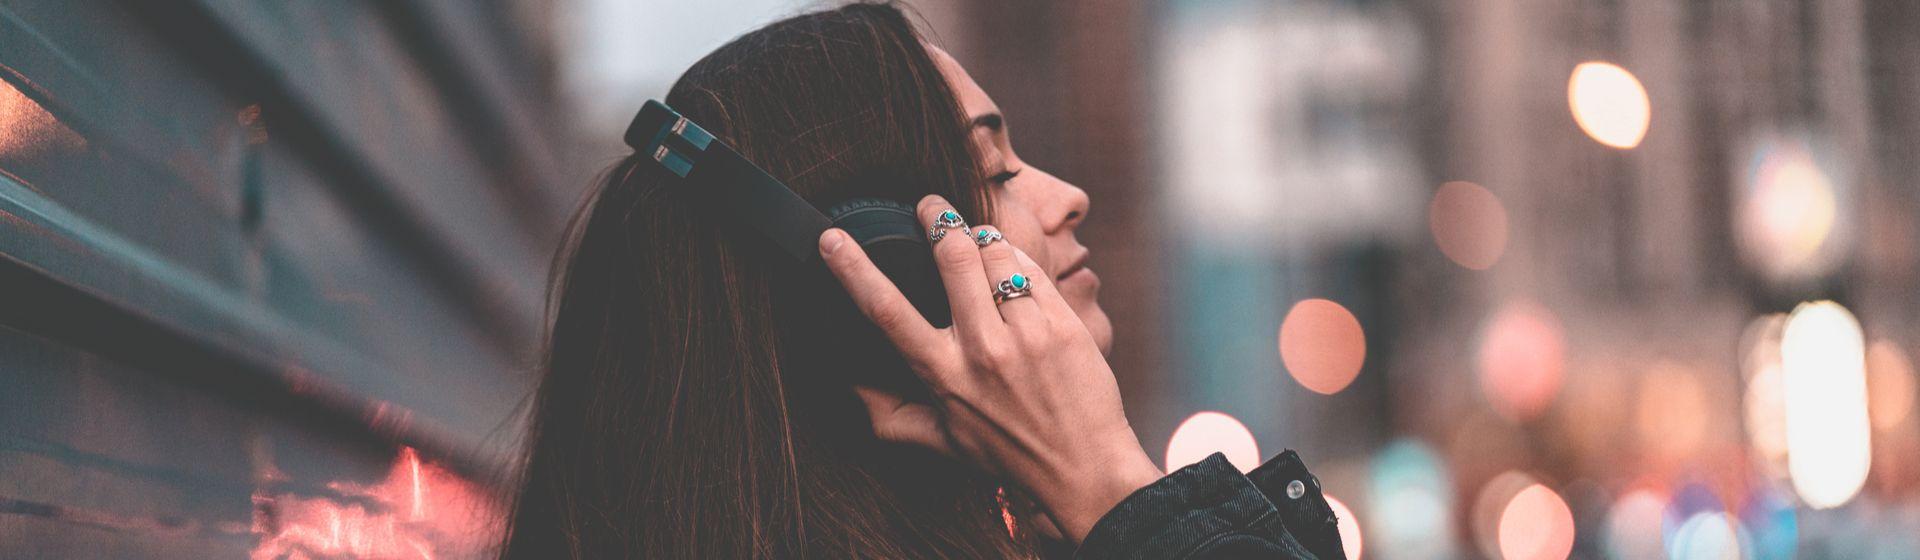 Fone de ouvido sem fio: conheça os melhores do mercado